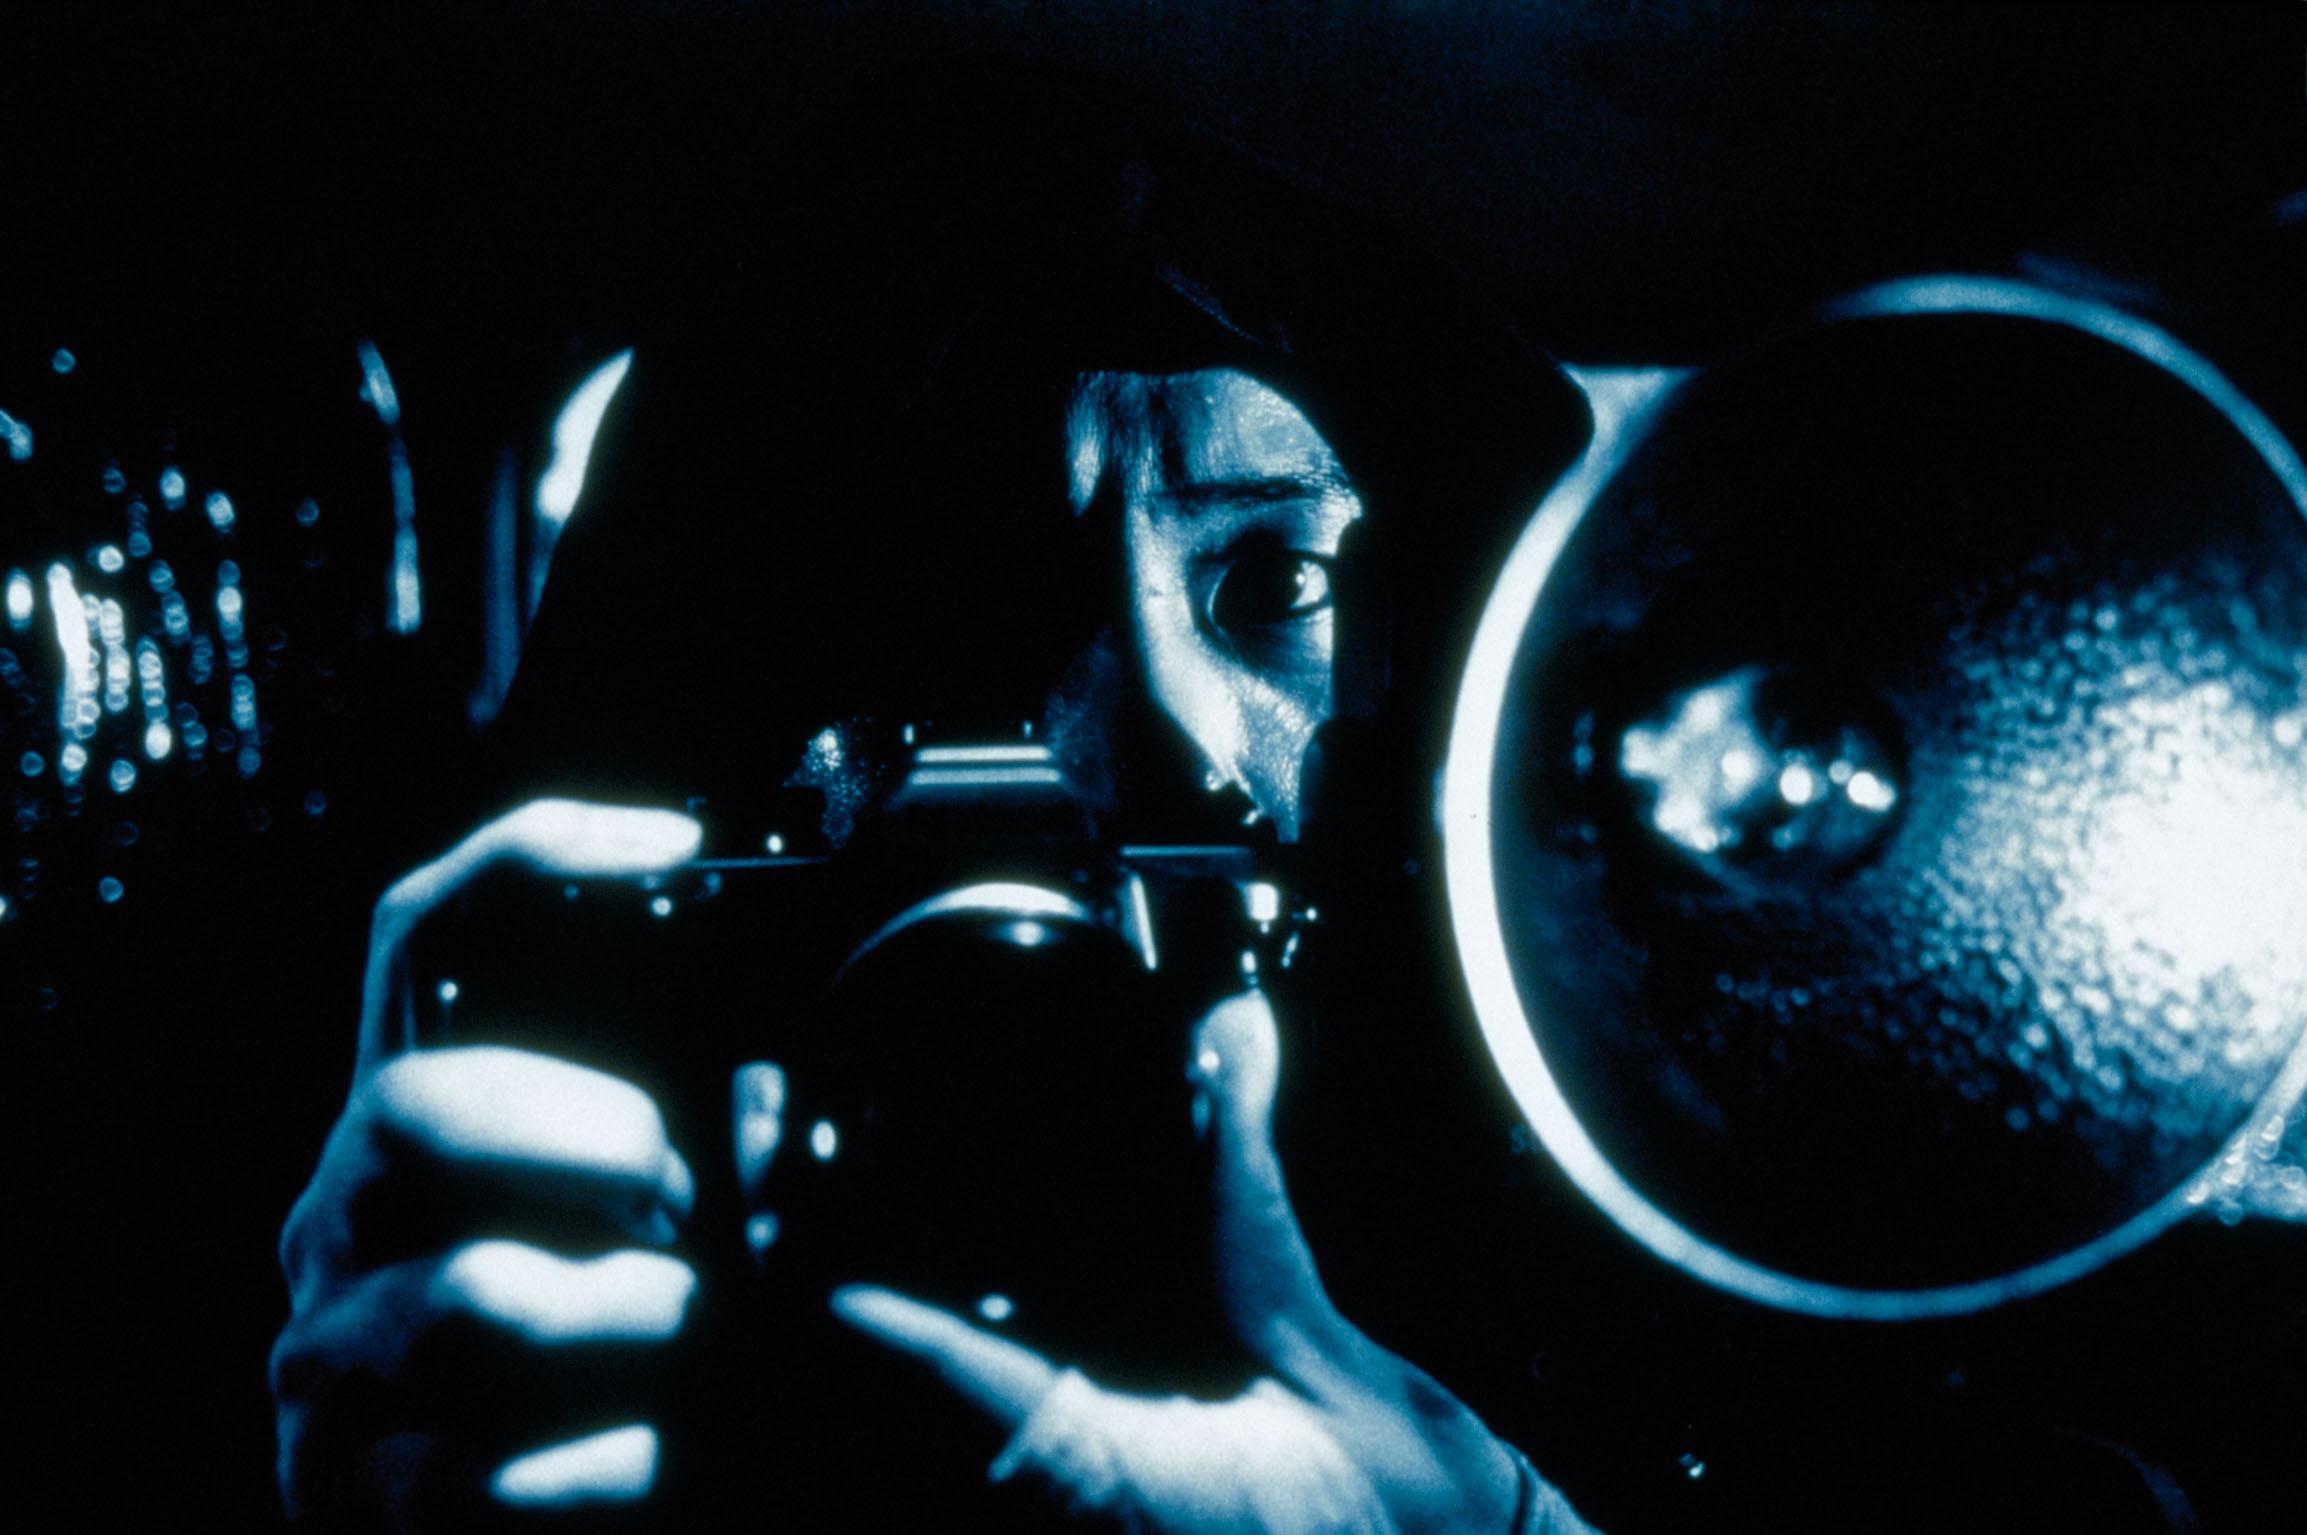 <i>Синья Цукамото в роли вуайериста в «Июньском змее», 2002</i>